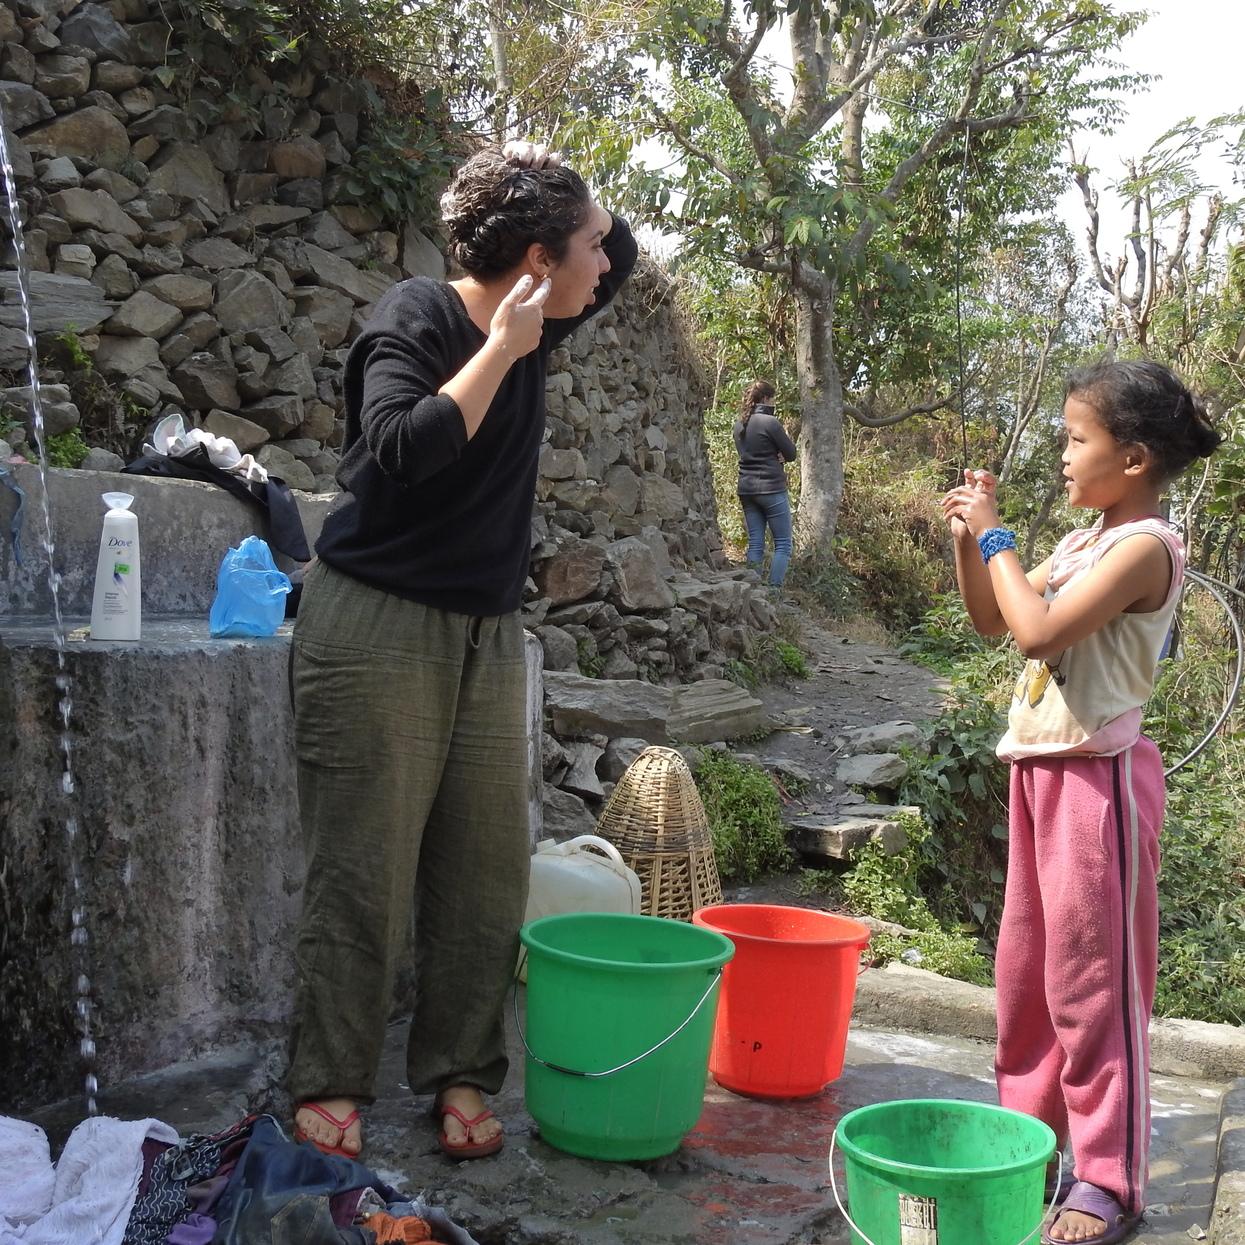 חופפות וכובסות. שני מנצלת את זמן הכביסה כדי לחפוף את הראש במעיין המים בכפר דהאו. צילום: עמיר בן-דוד